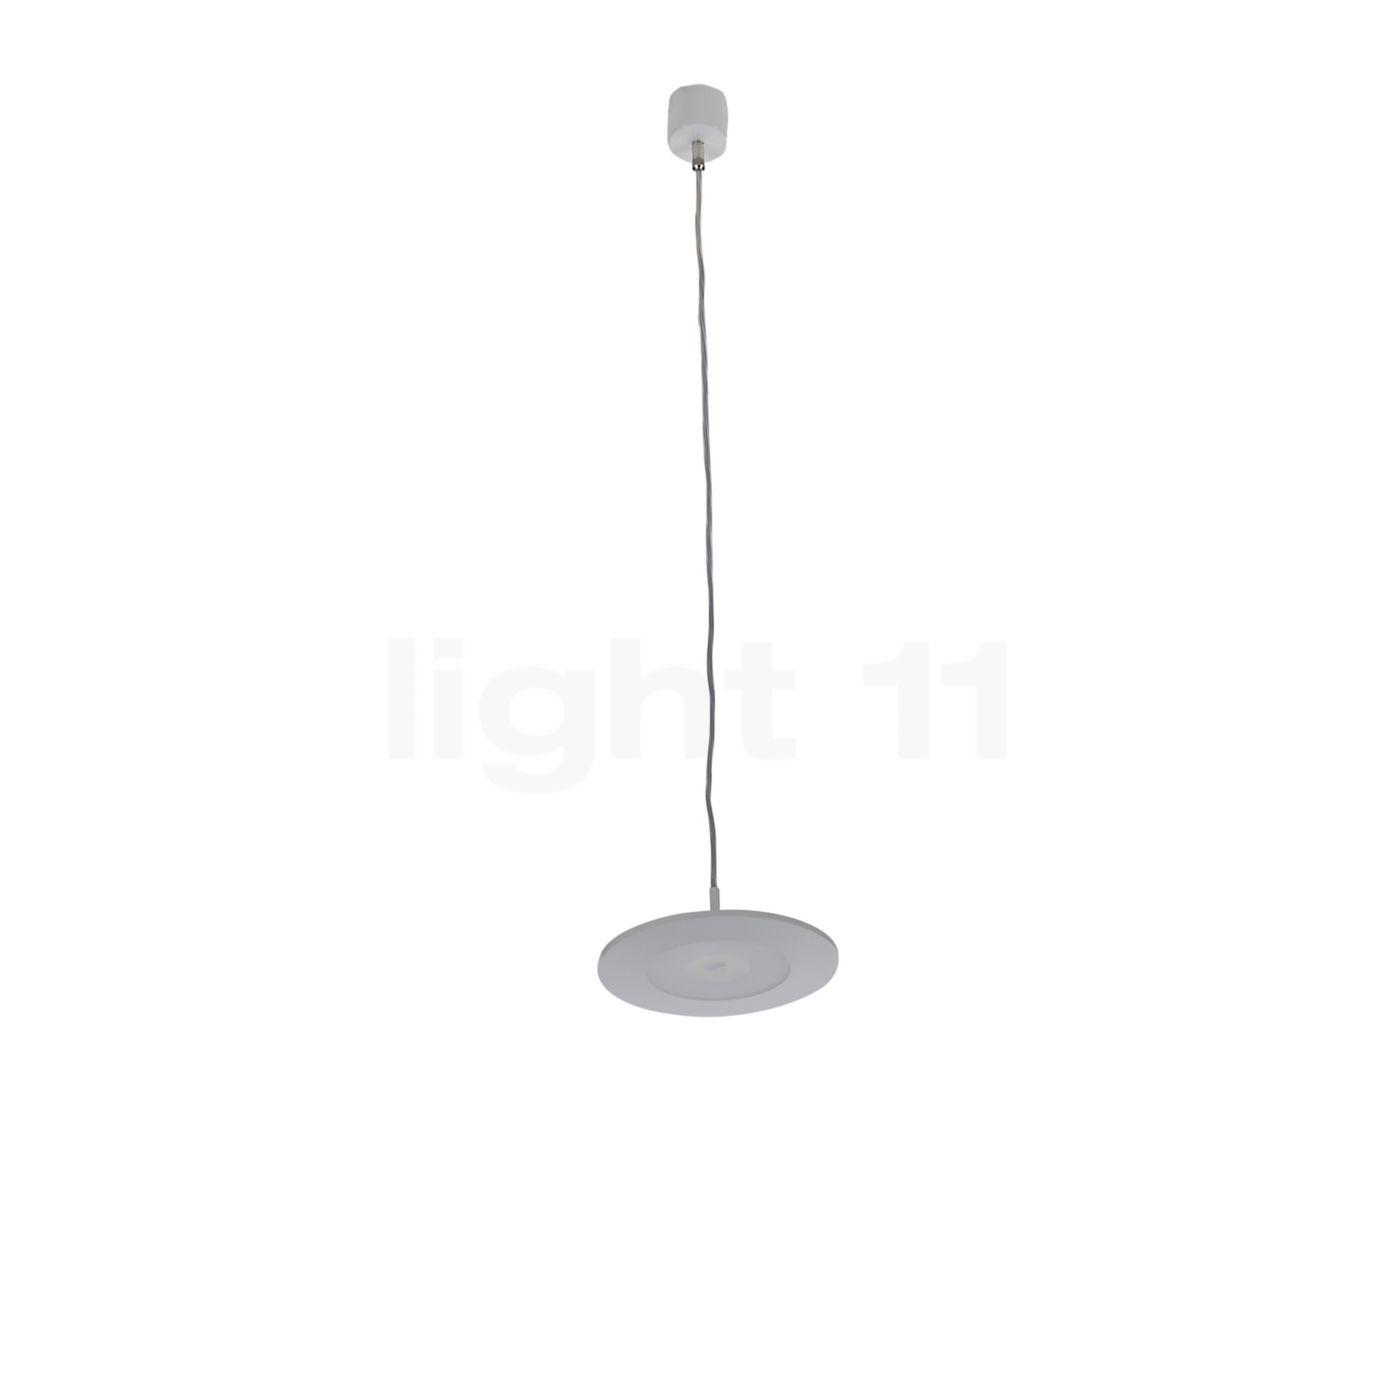 Steng Licht Ag steng licht screen pendelleuchte kaufen bei light11 de